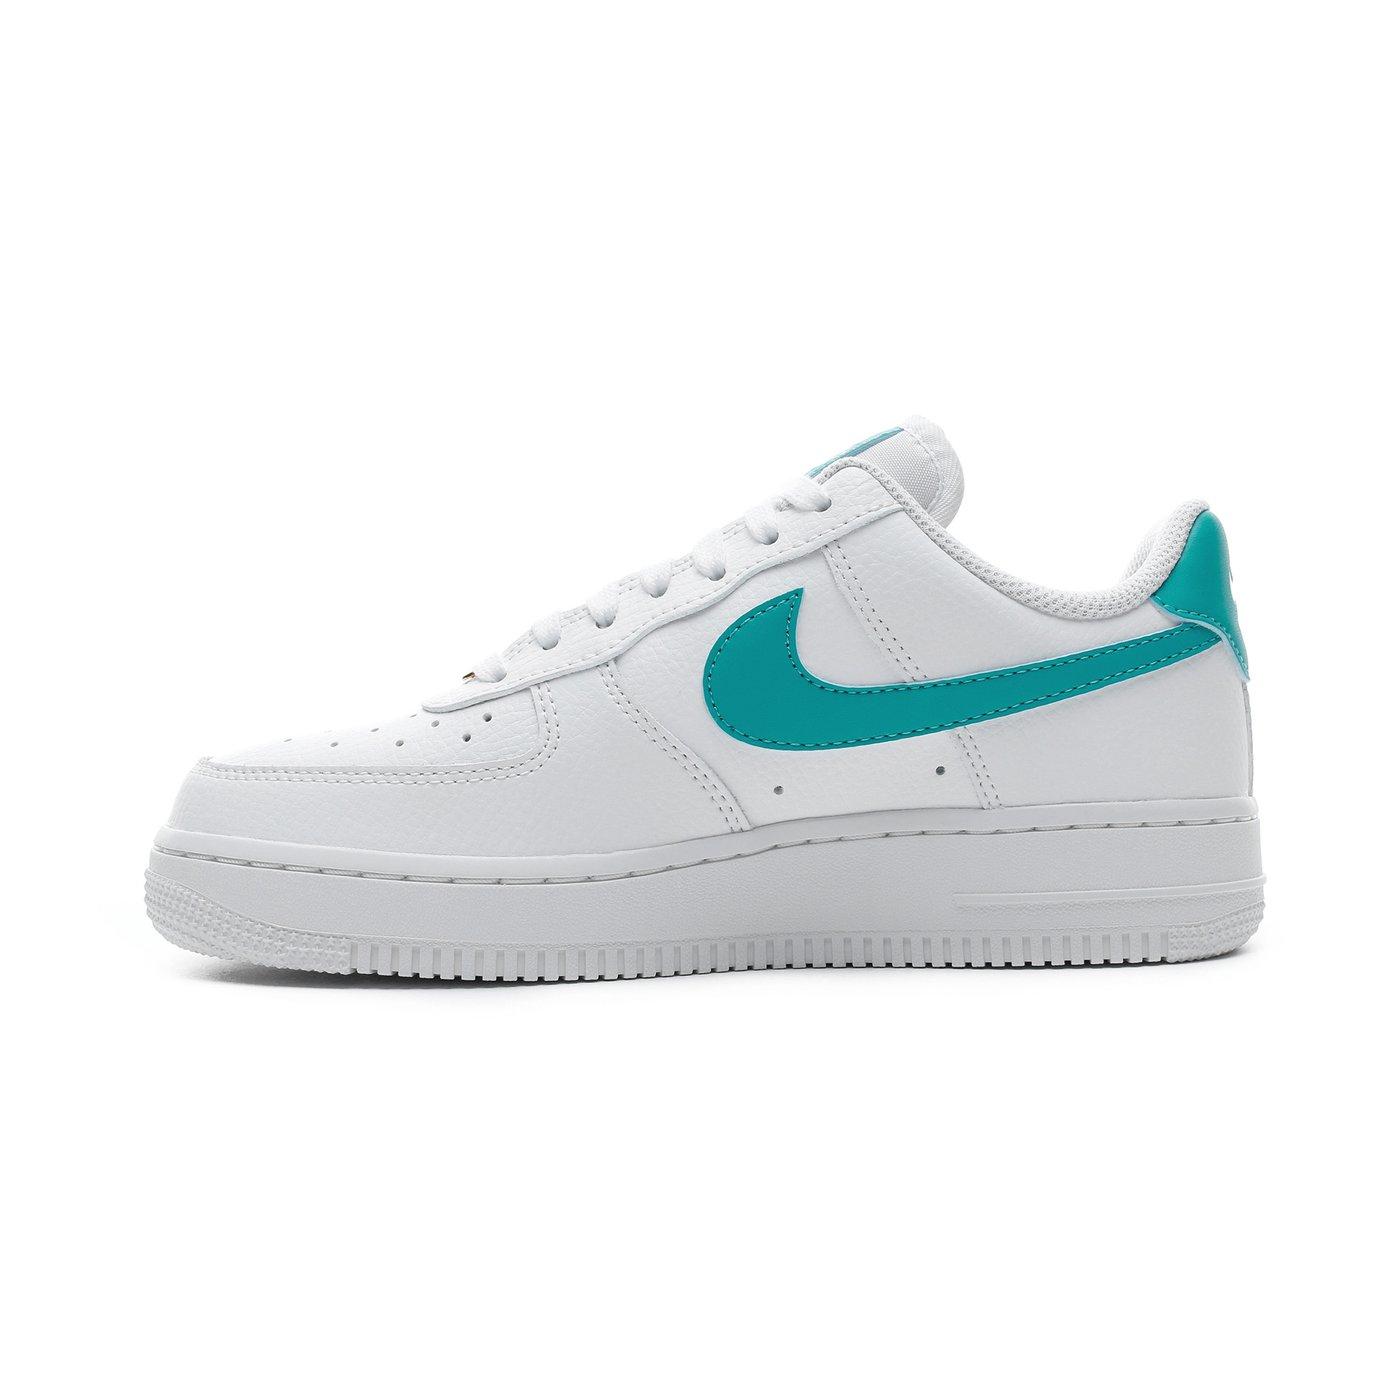 Nike Air Force 1 '07 Beyaz Kadın Spor Ayakkabı